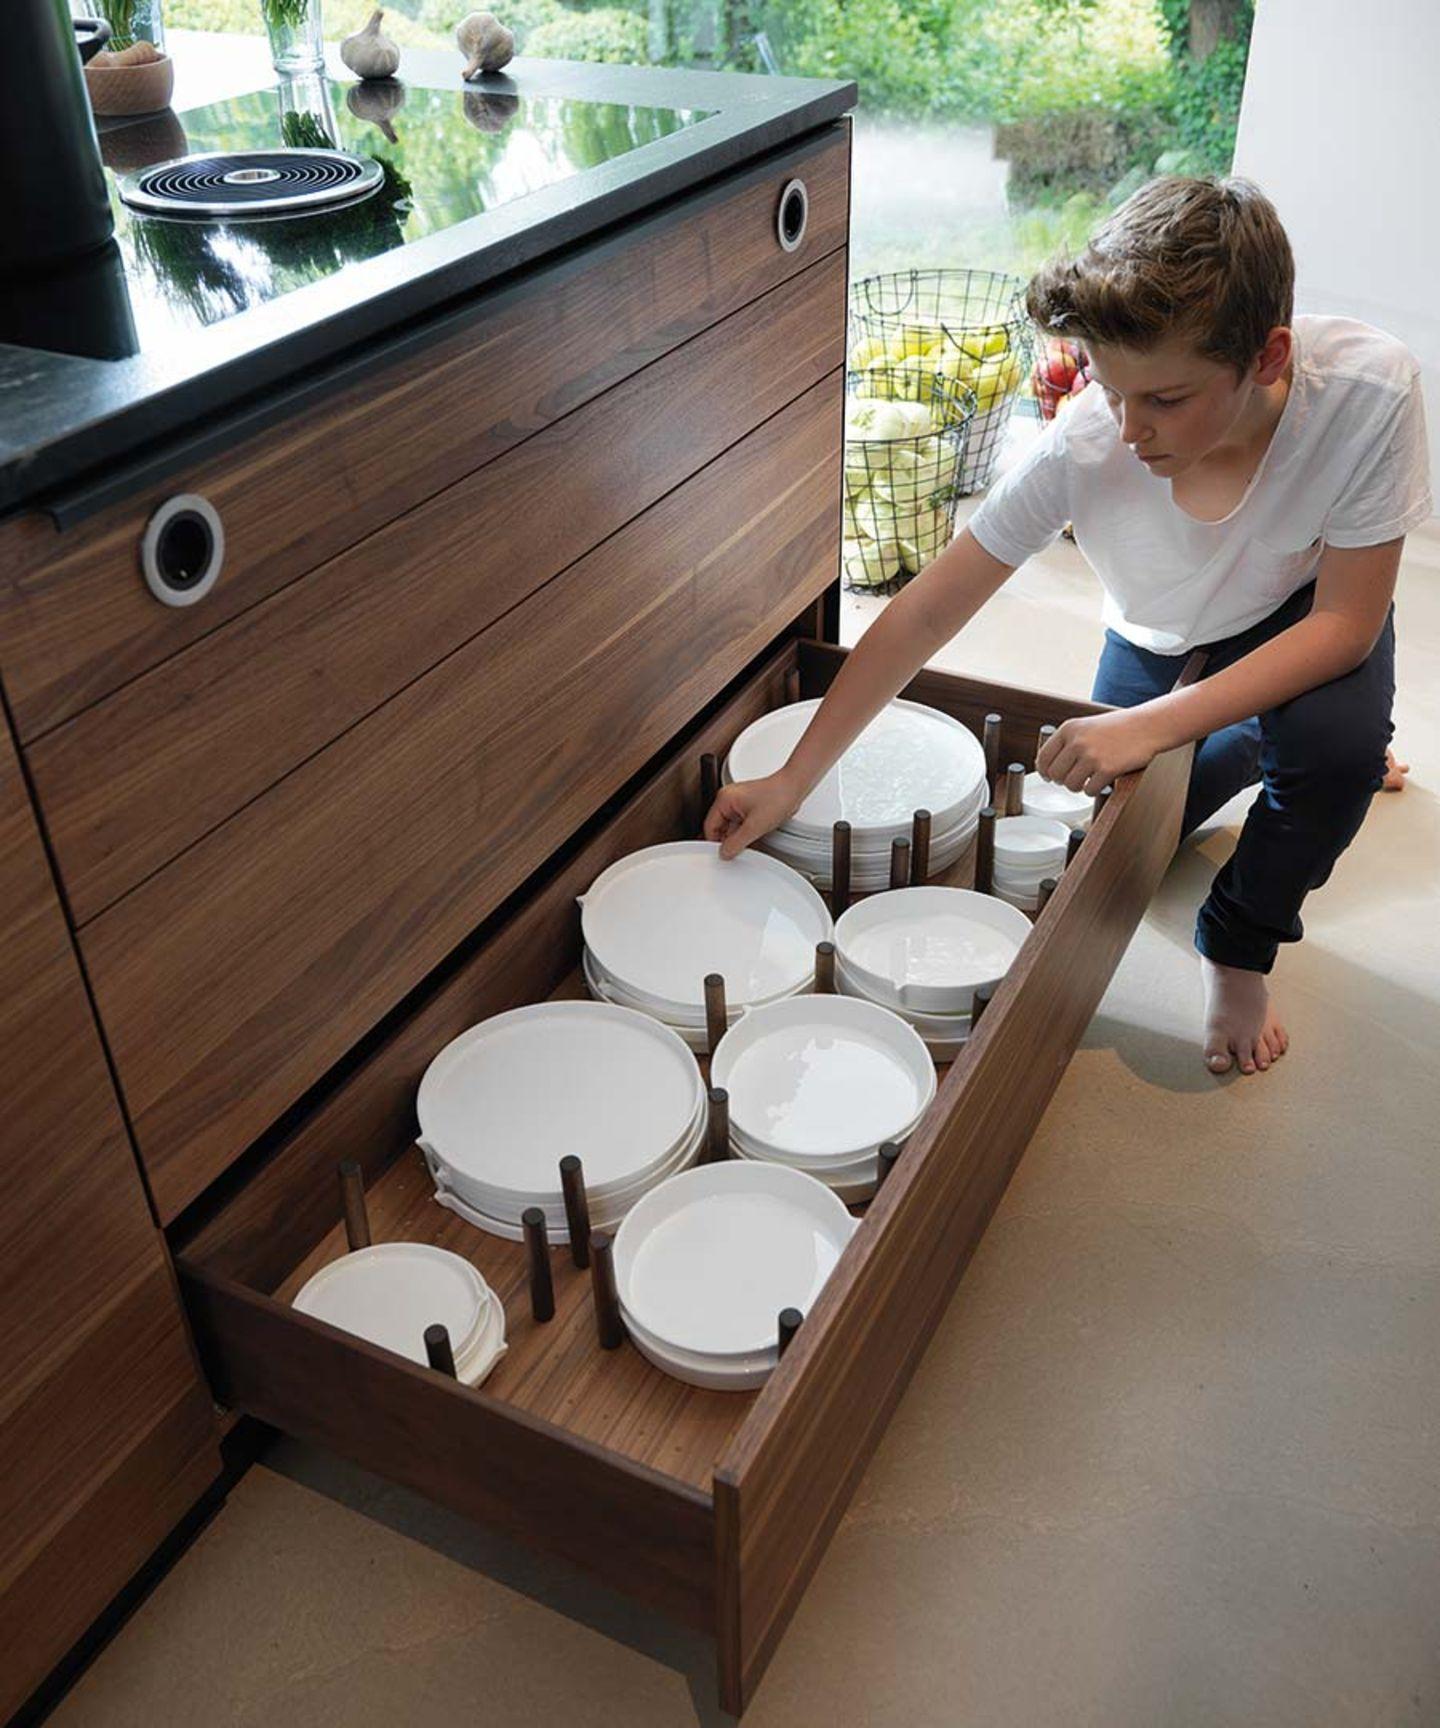 Cuisine en bois black line avec entretoises pour les fonds d'assiettes